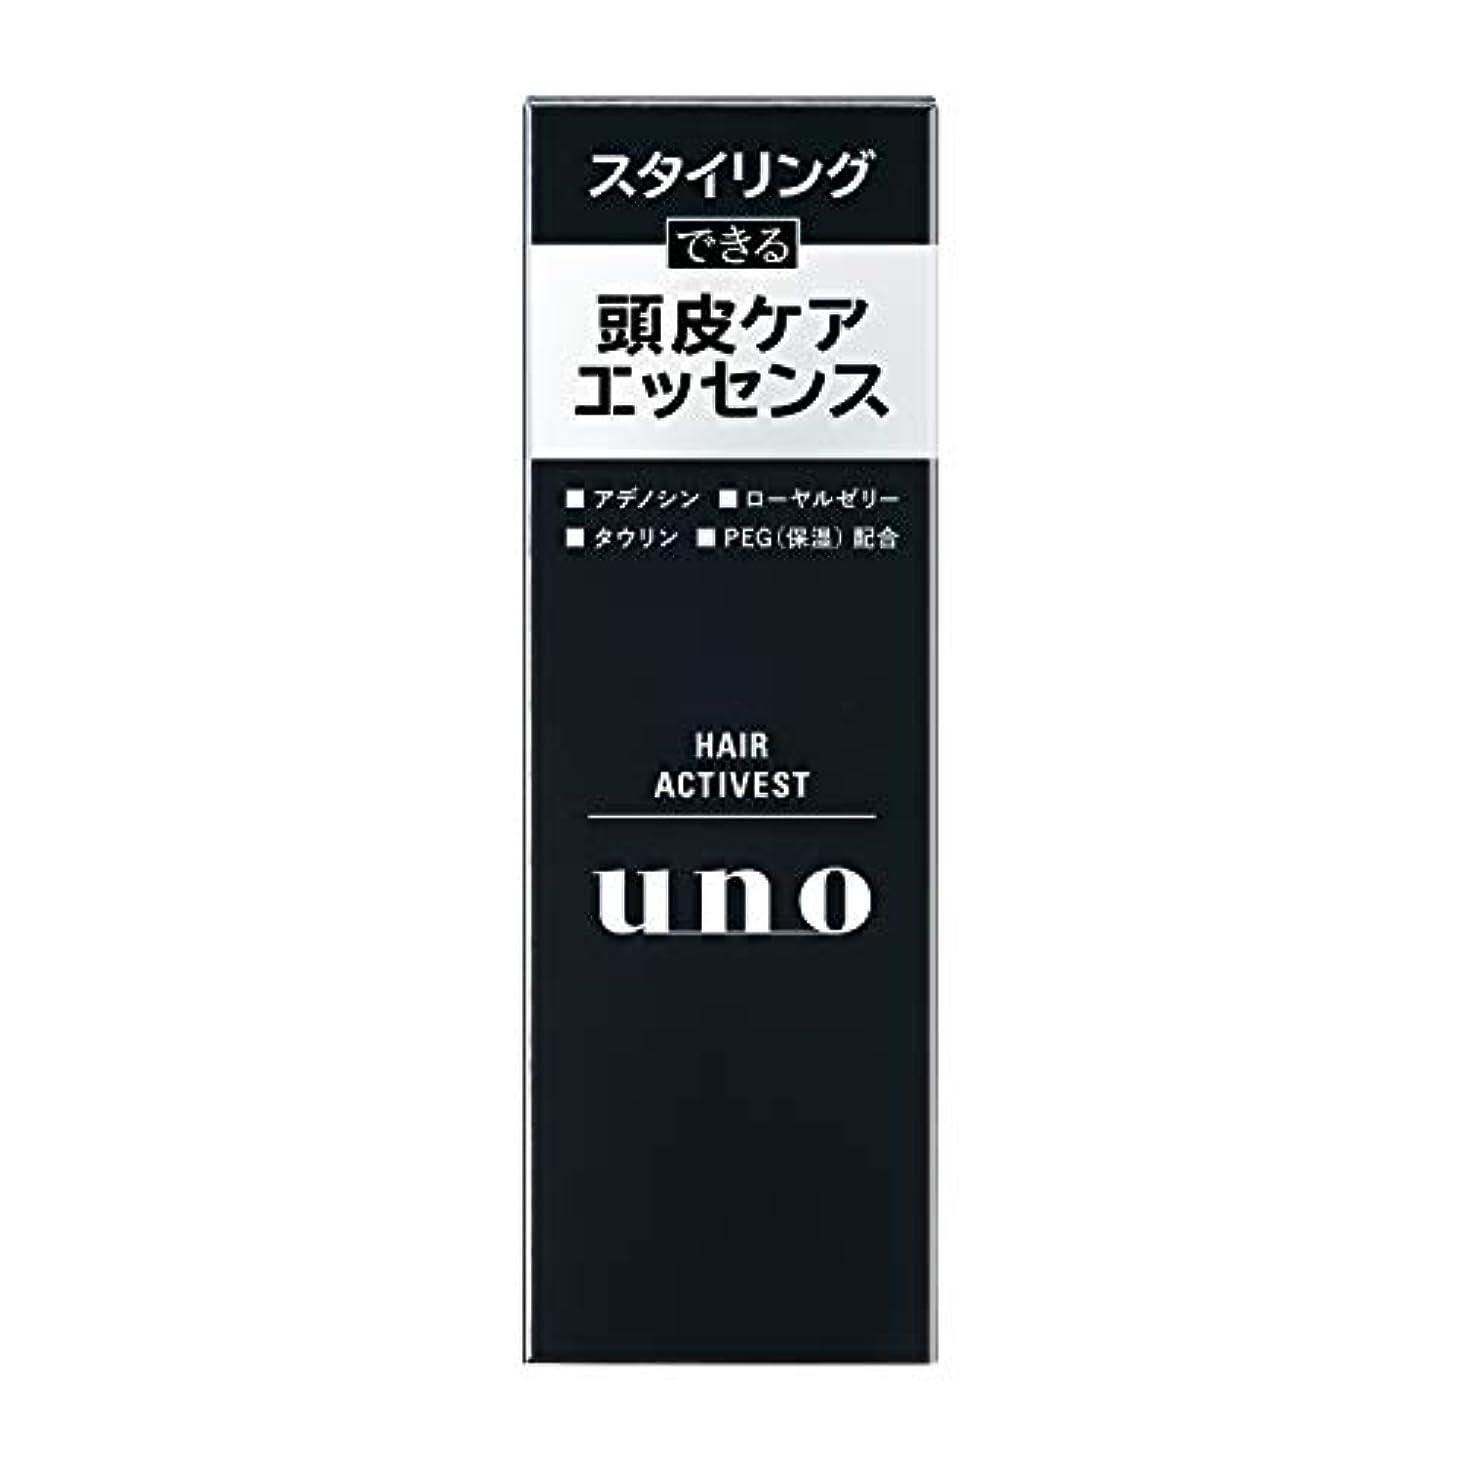 シェフキネマティクス筋肉のUNO(ウーノ) ウーノ ヘアアクティベスト 100ml ヘアオイル